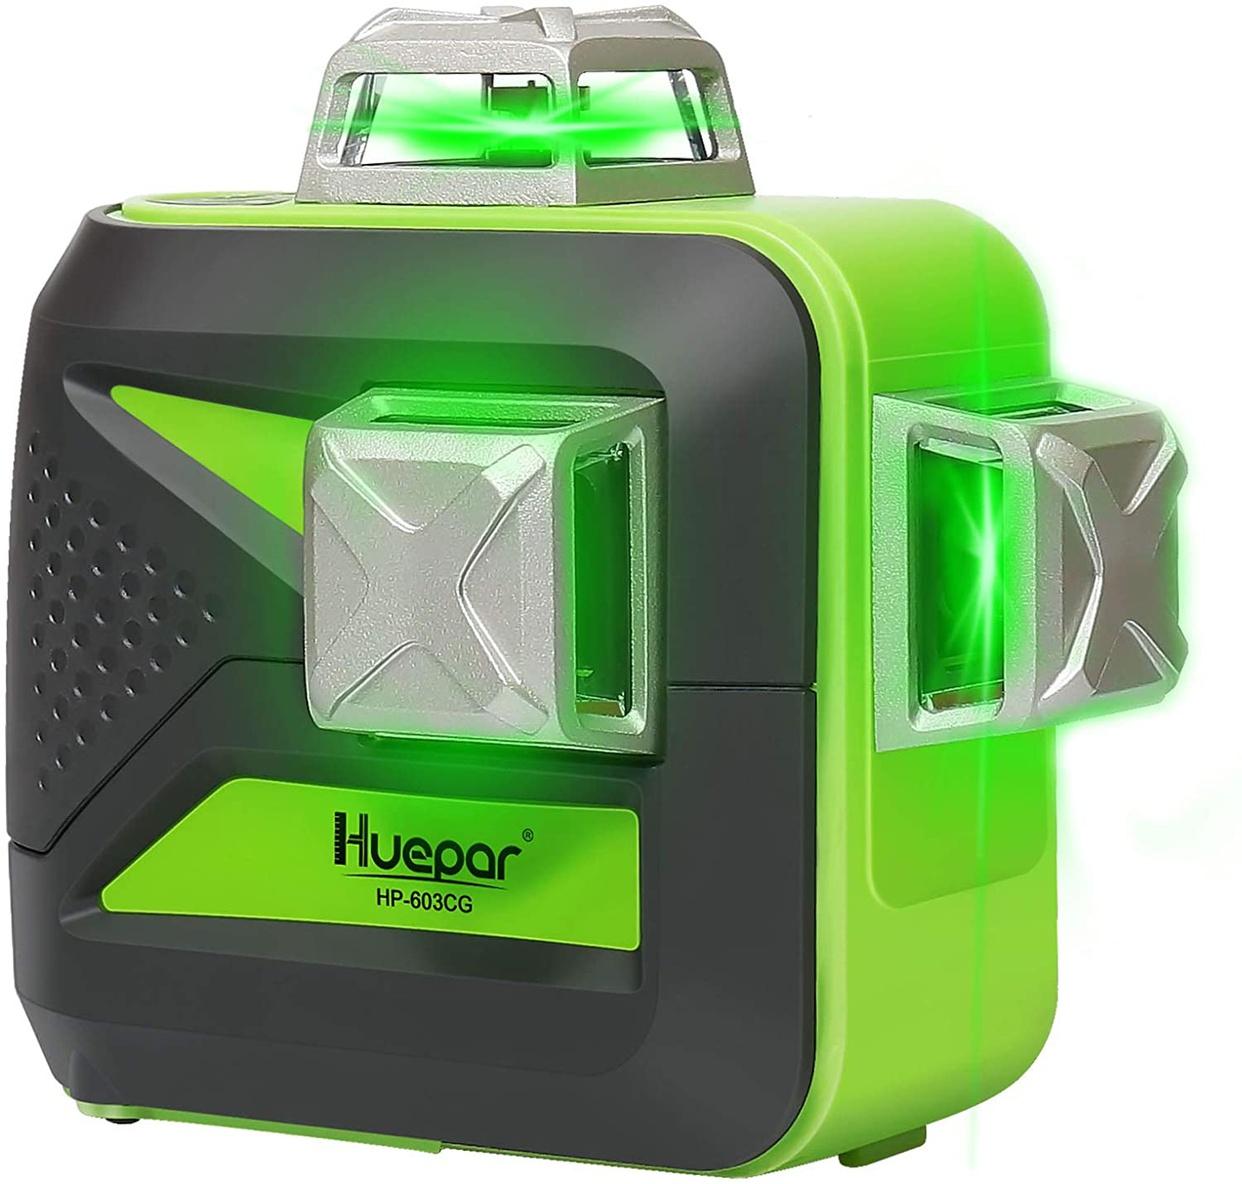 Huepar(ヒューパー) 3x360° レーザー墨出し器 603CG